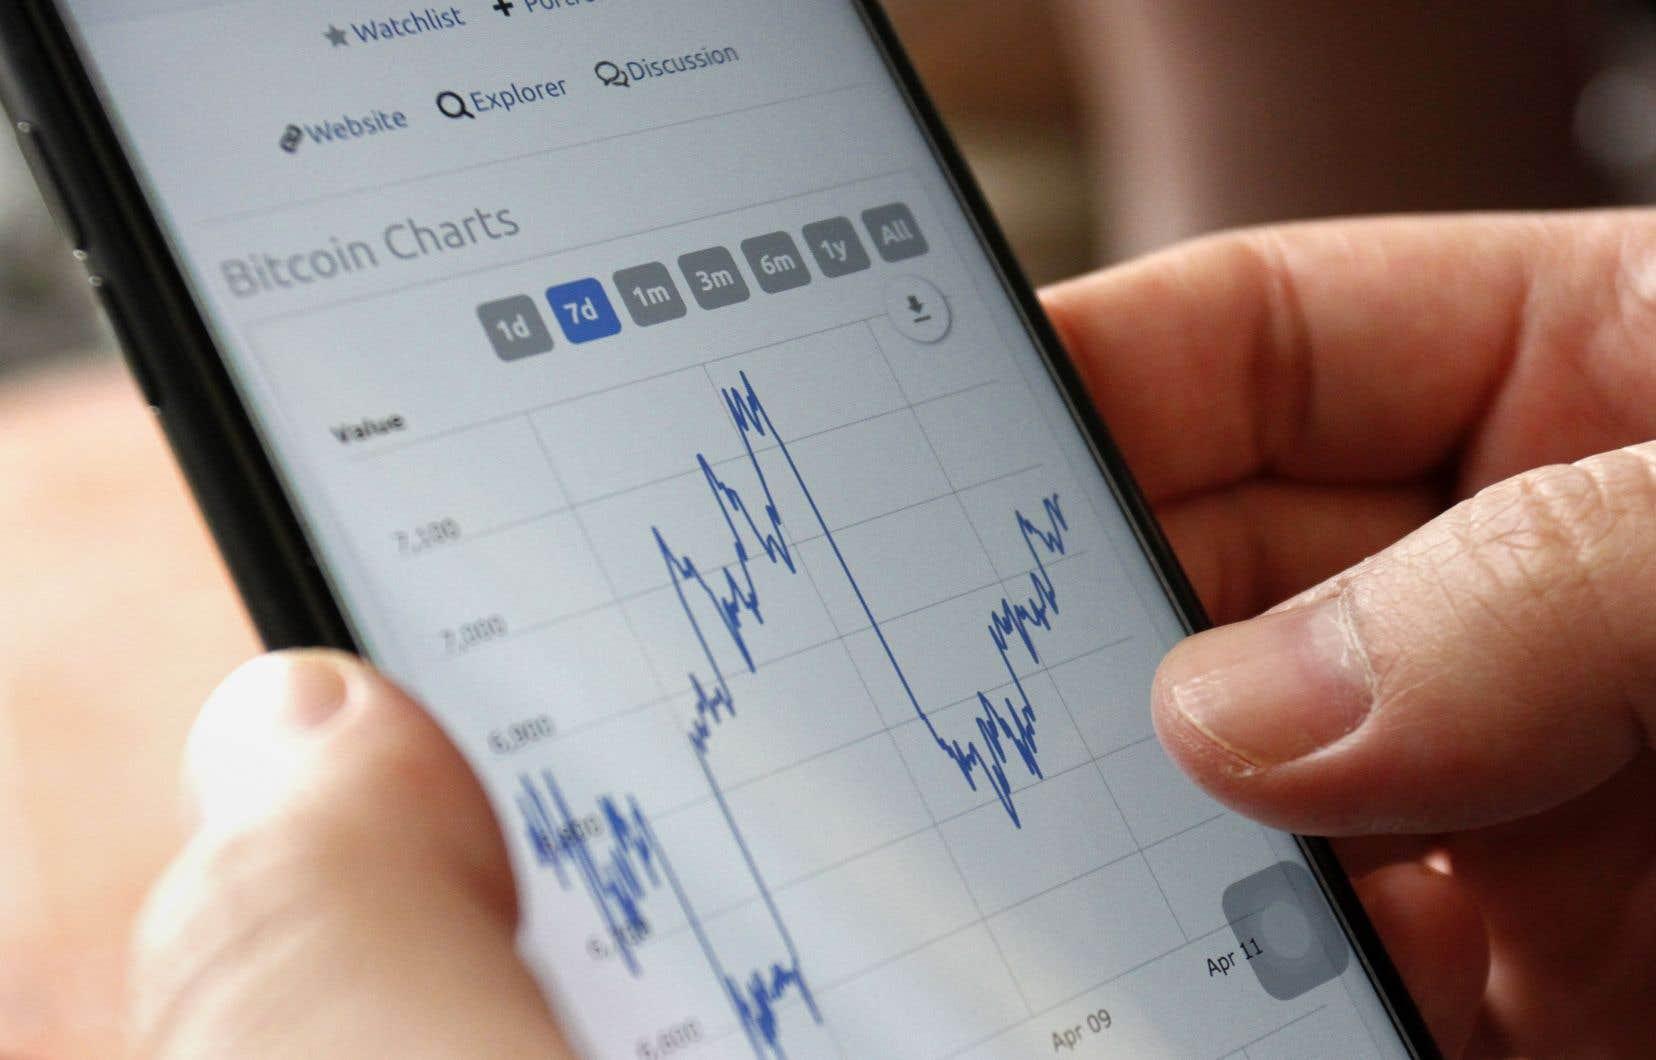 Aucune plateforme n'est actuellement reconnue en tant que Bourse de valeurs ou autrement autorisée à exercer une activité de marché ou de courtier au pays.